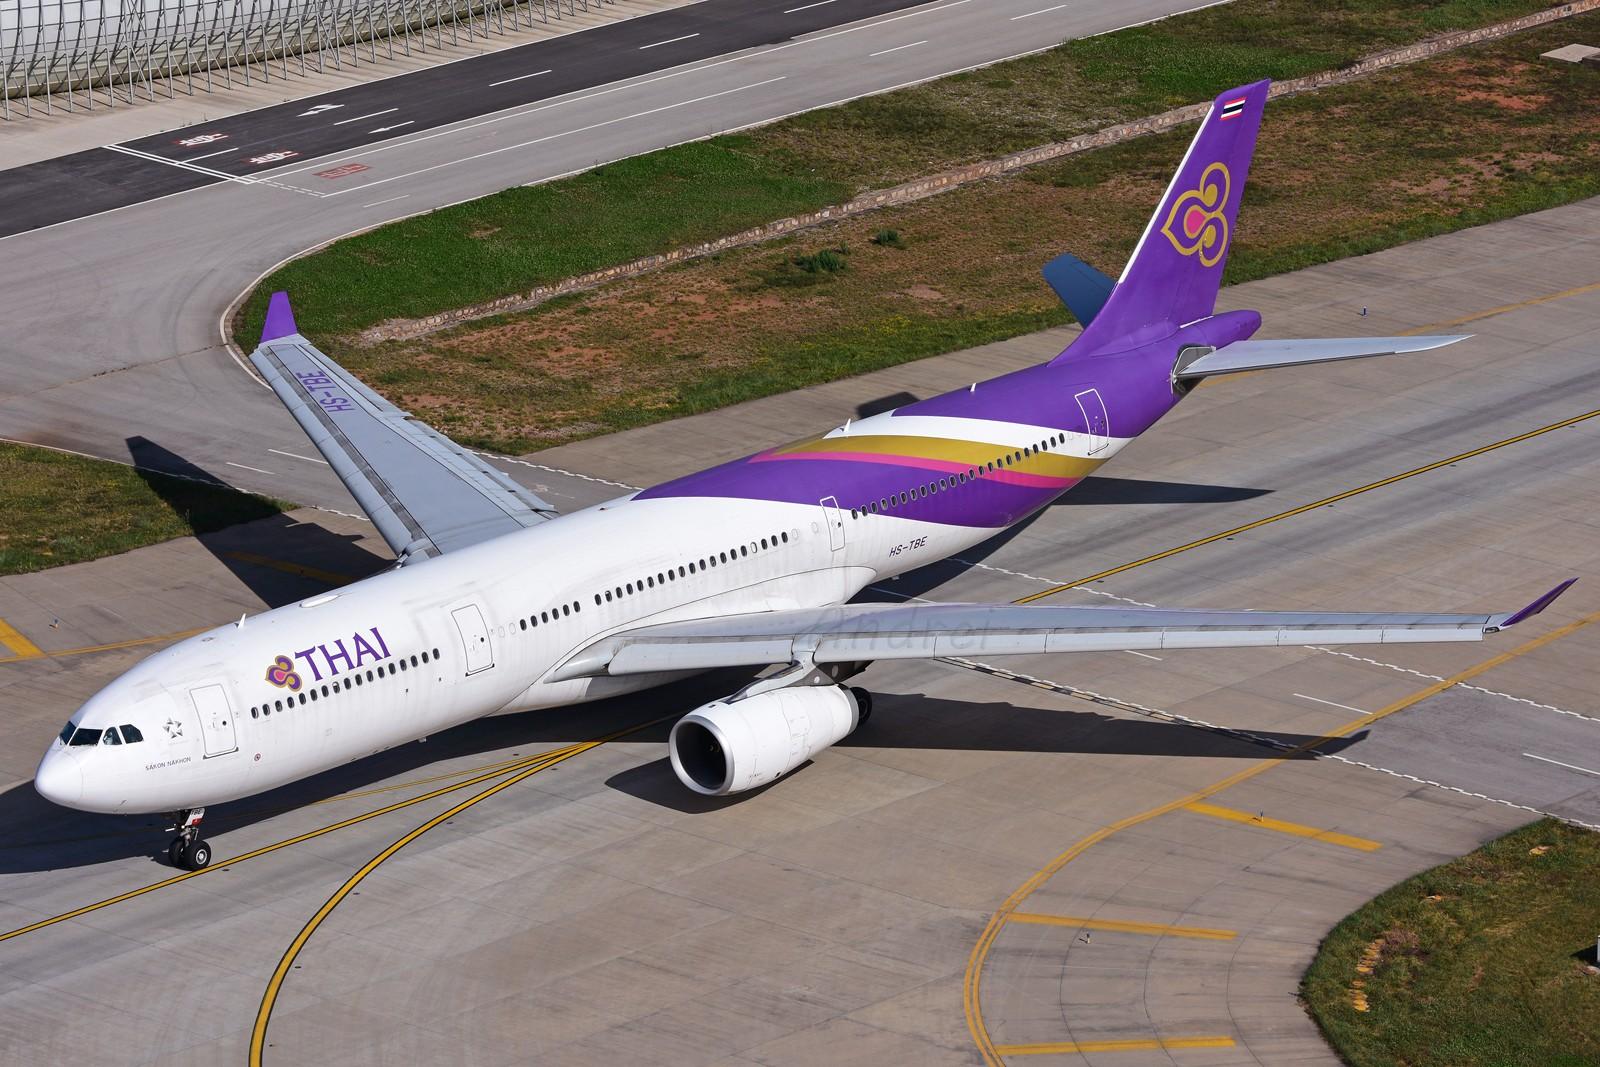 Re:[原创]=====有空就要来几发,不能懈怠===== AIRBUS A330-300 HS-TBE 中国昆明长水国际机场